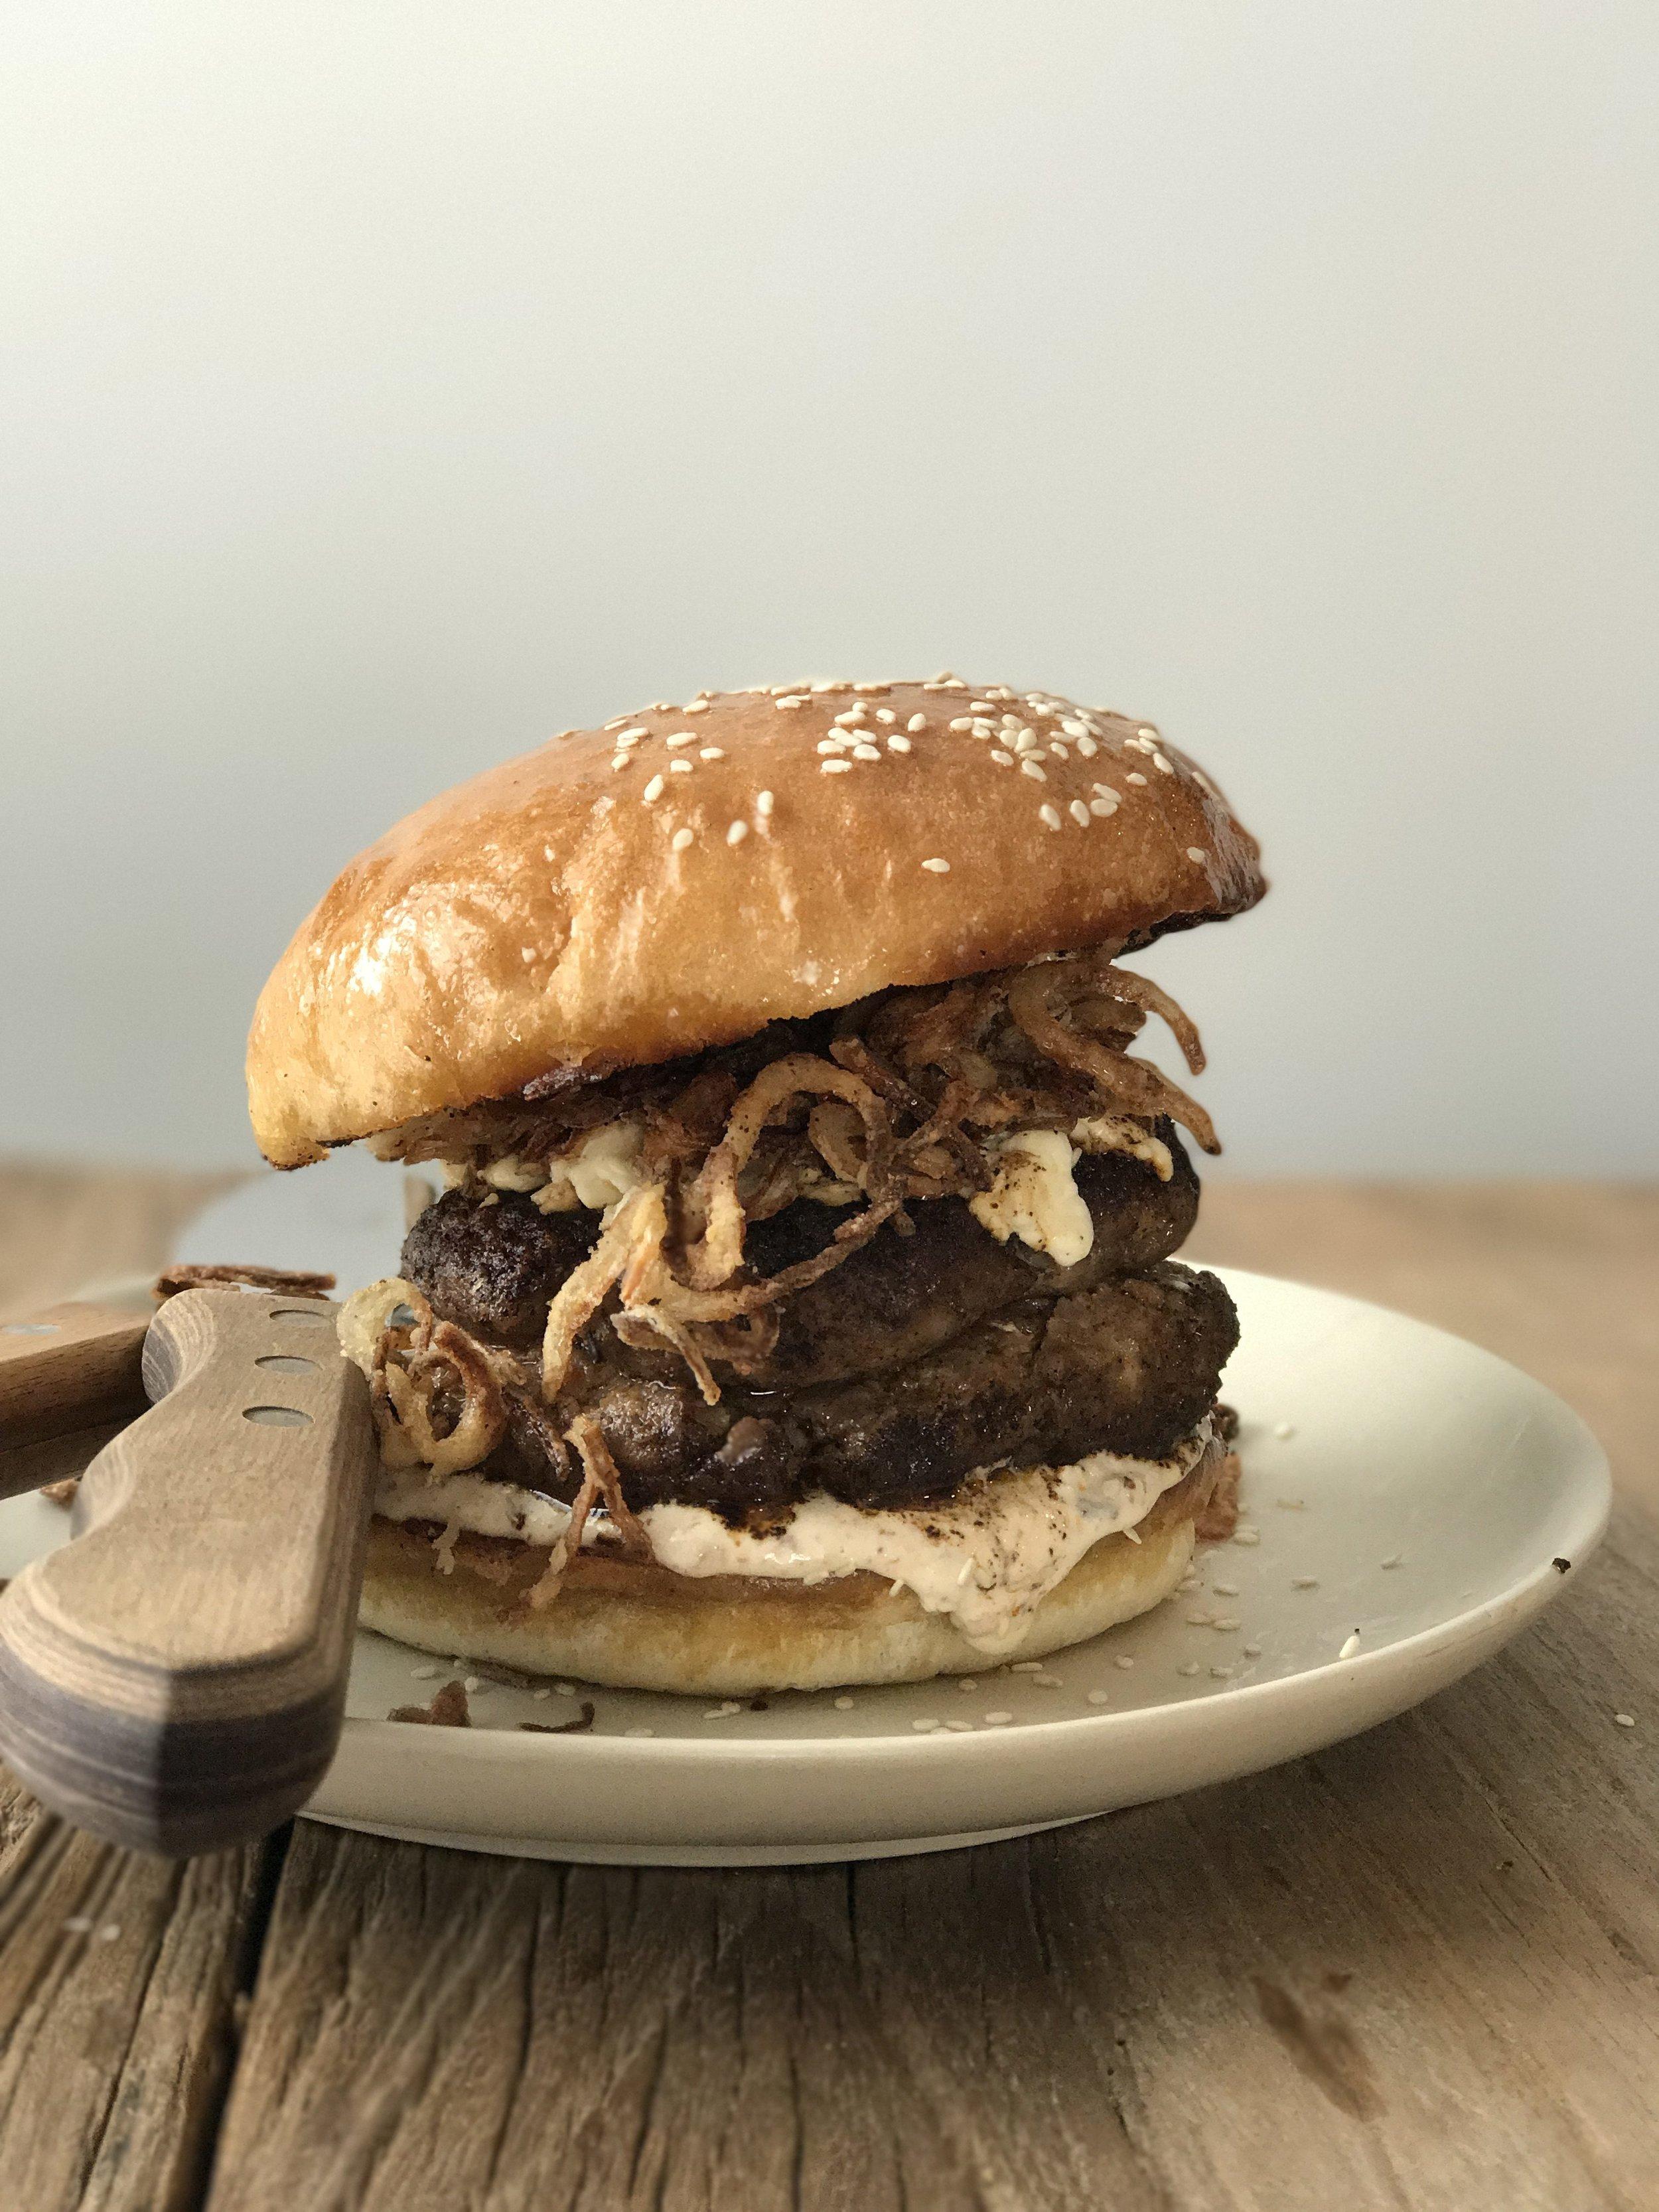 Outstanding Burger